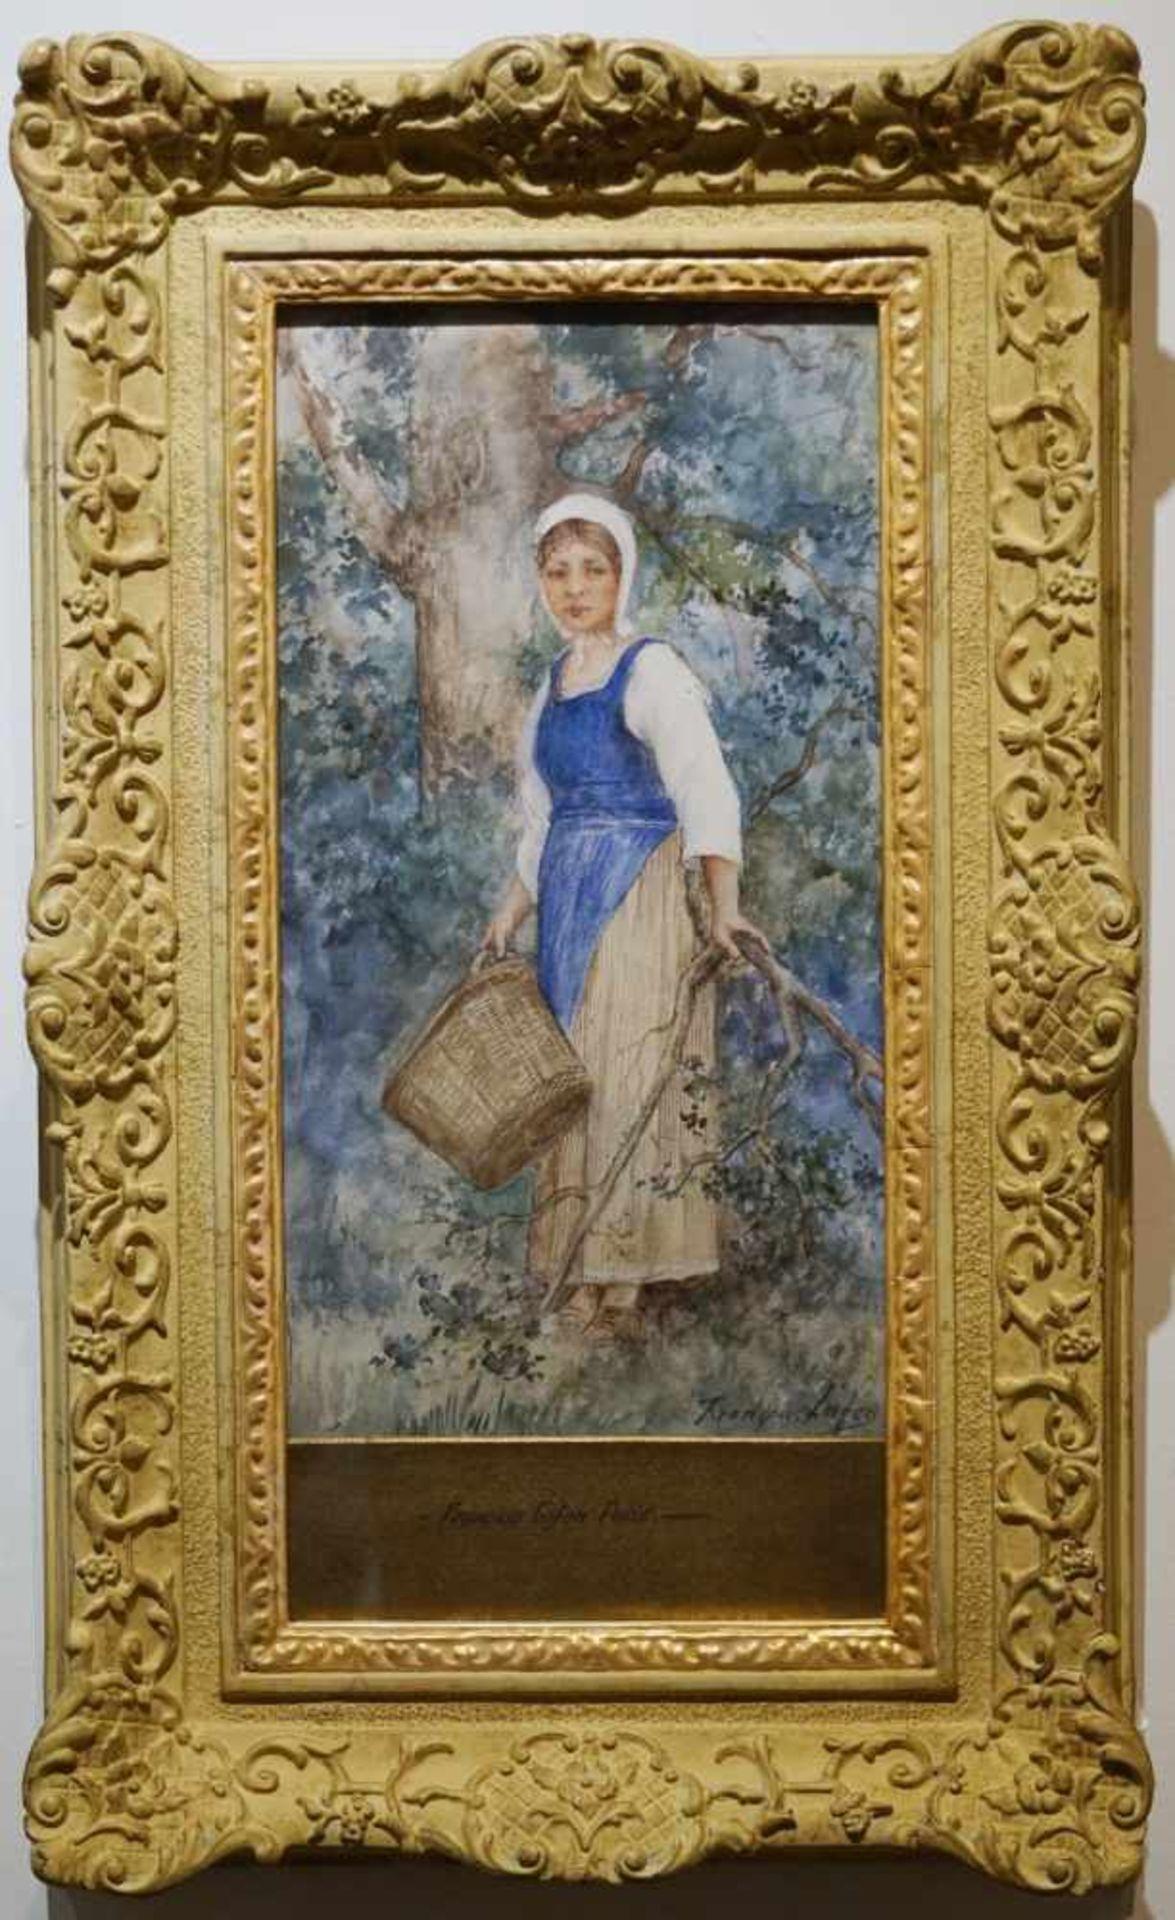 Magd mit Korb in der Natur Francois Lafon (1846-1920), Mischtechnik auf Platte, unter Glas